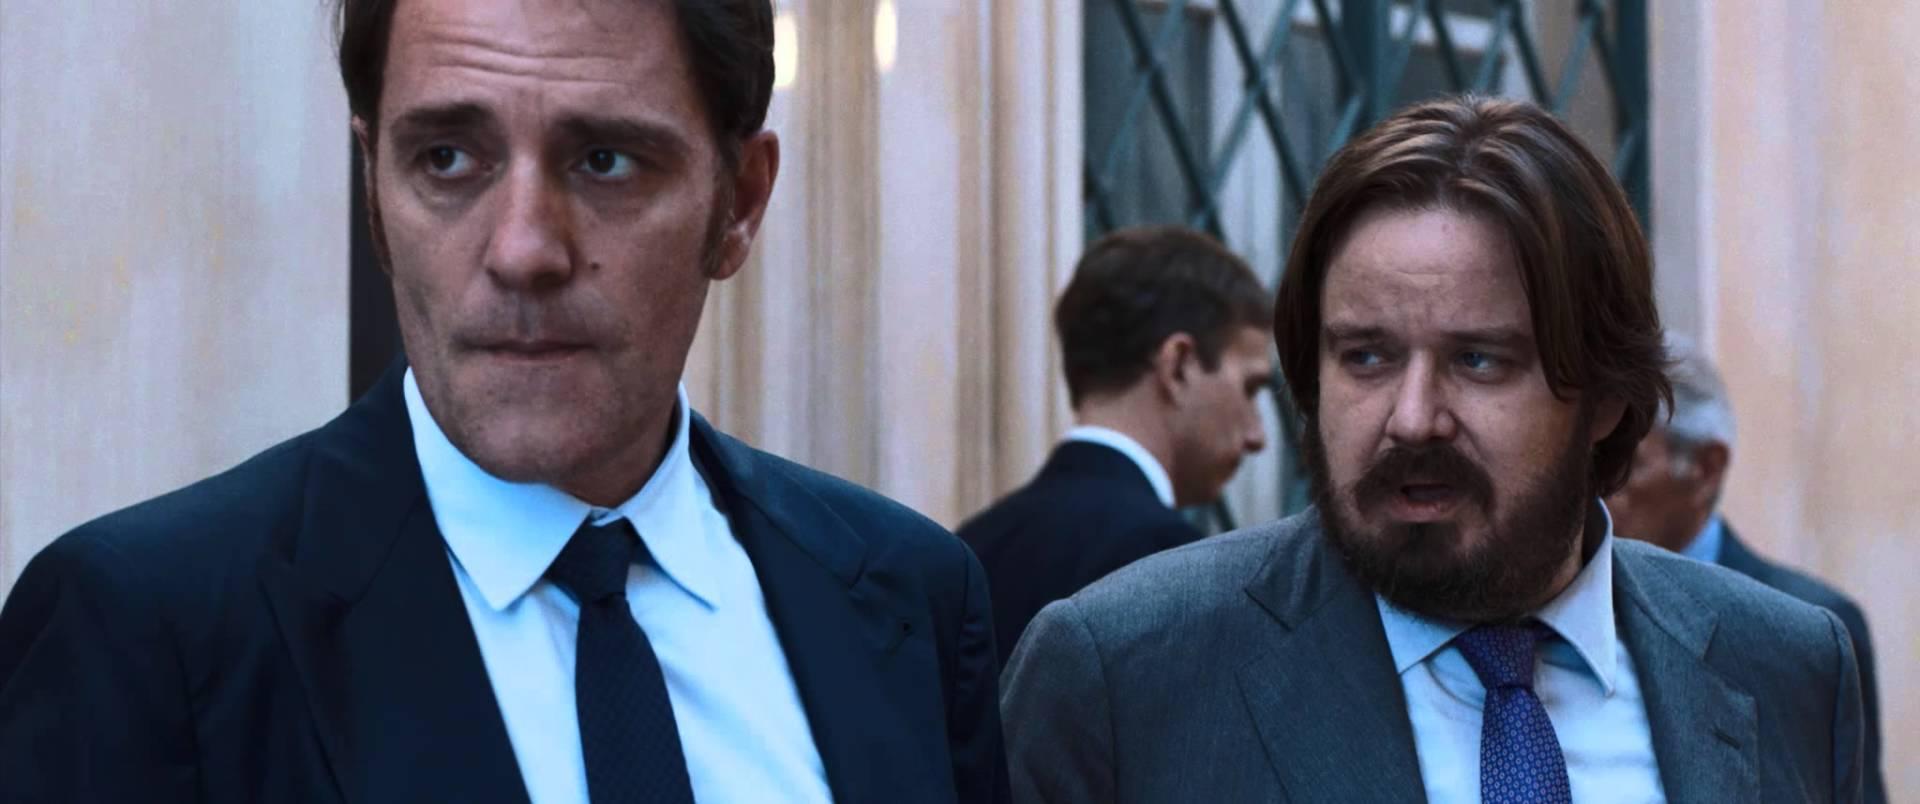 La felicità è un sistema complesso: Valerio Mastandrea e Giuseppe Battiston in una scena del film